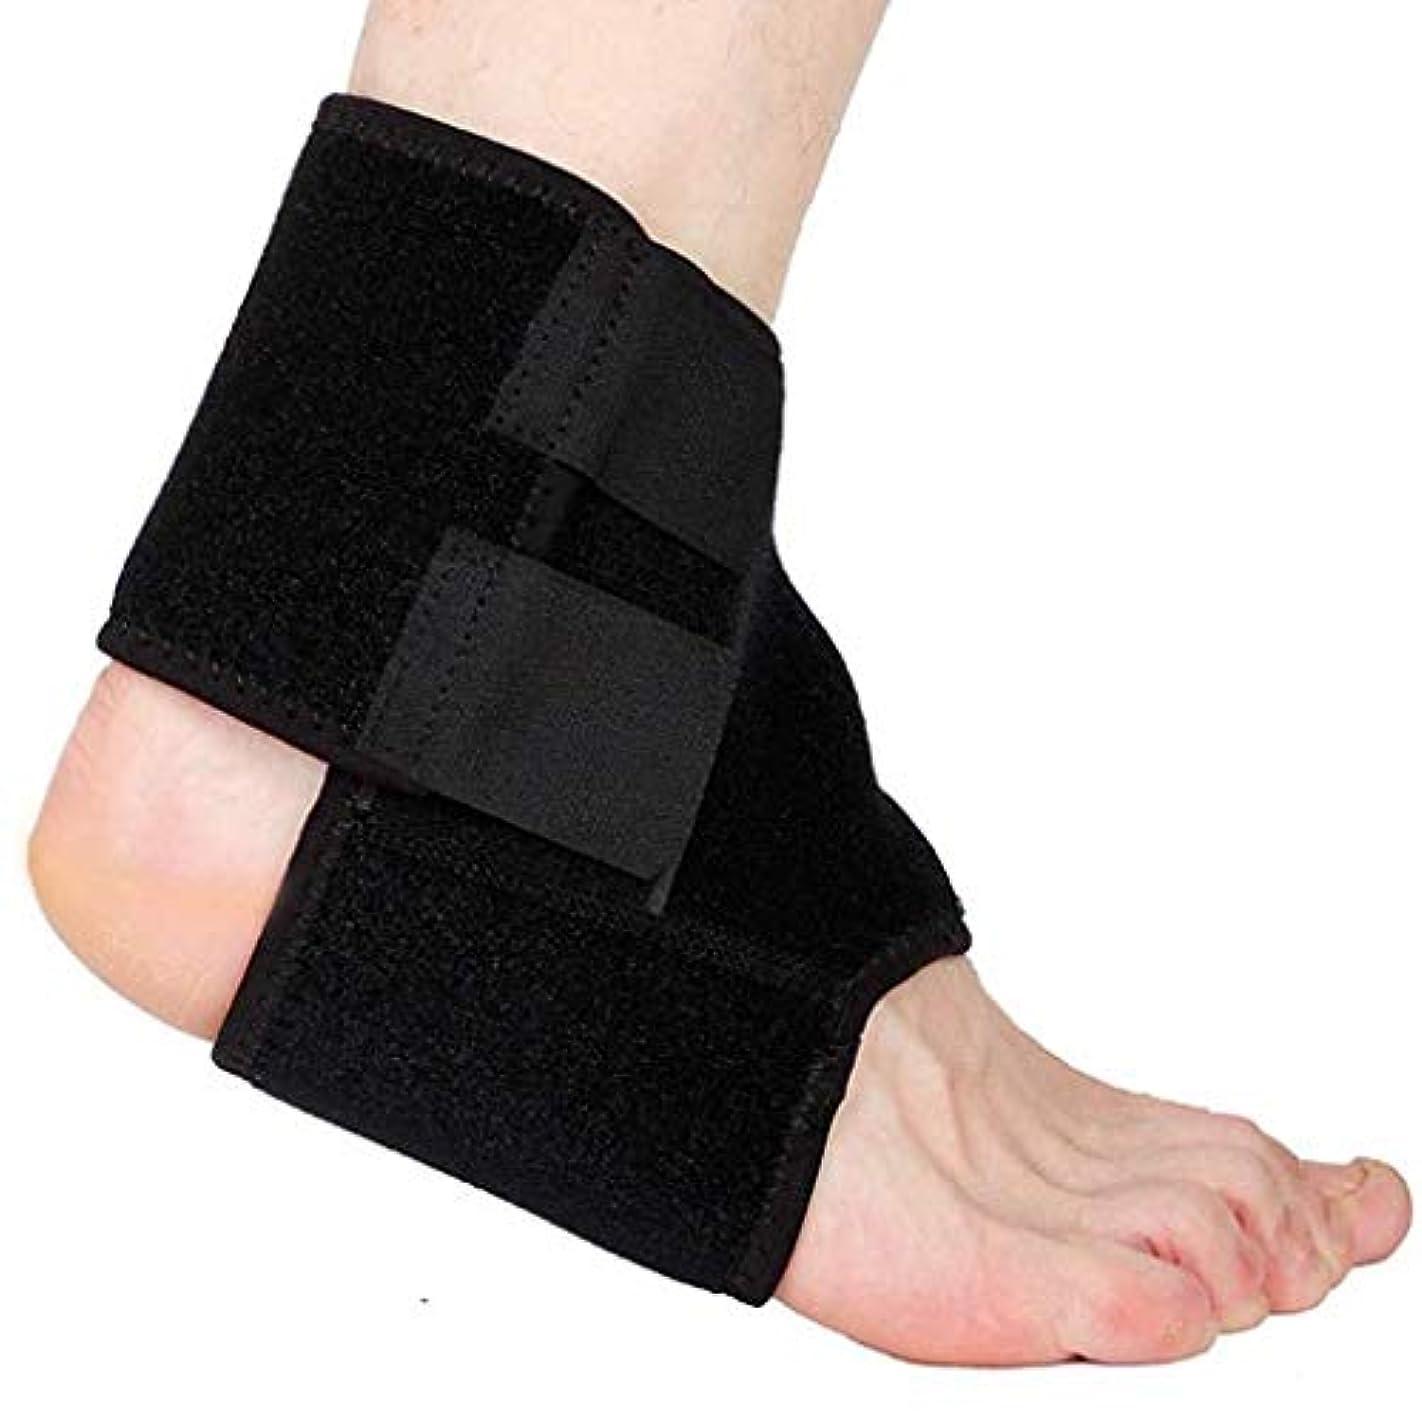 風味ひいきにする火山学者足首サポート調節可能な足首ブレース通気性のあるナイロン素材伸縮性があり快適な1サイズスポーツに最適慢性的な足首の捻Sp疲労からの保護